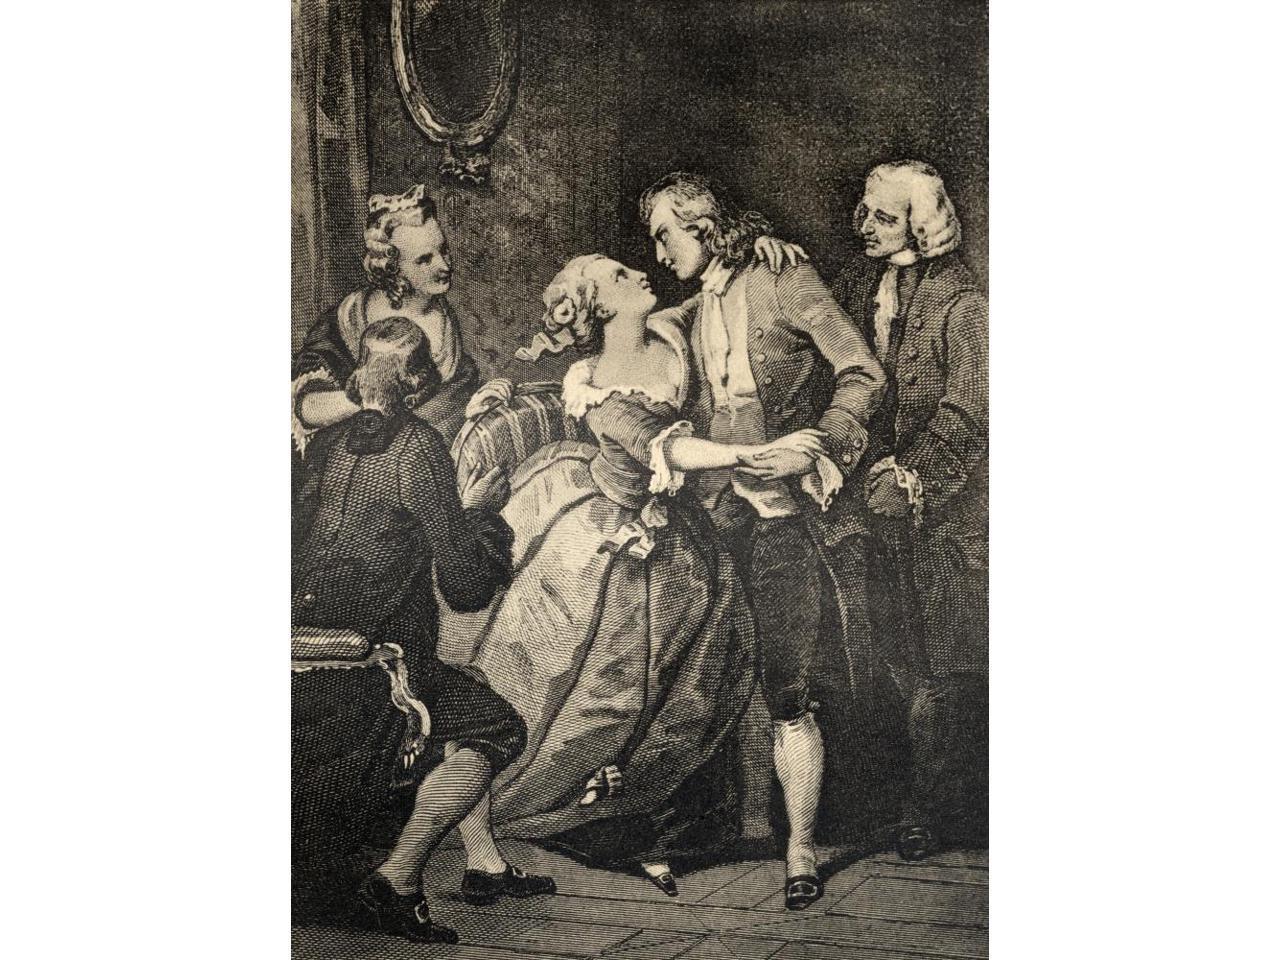 Emile Av Rousseau